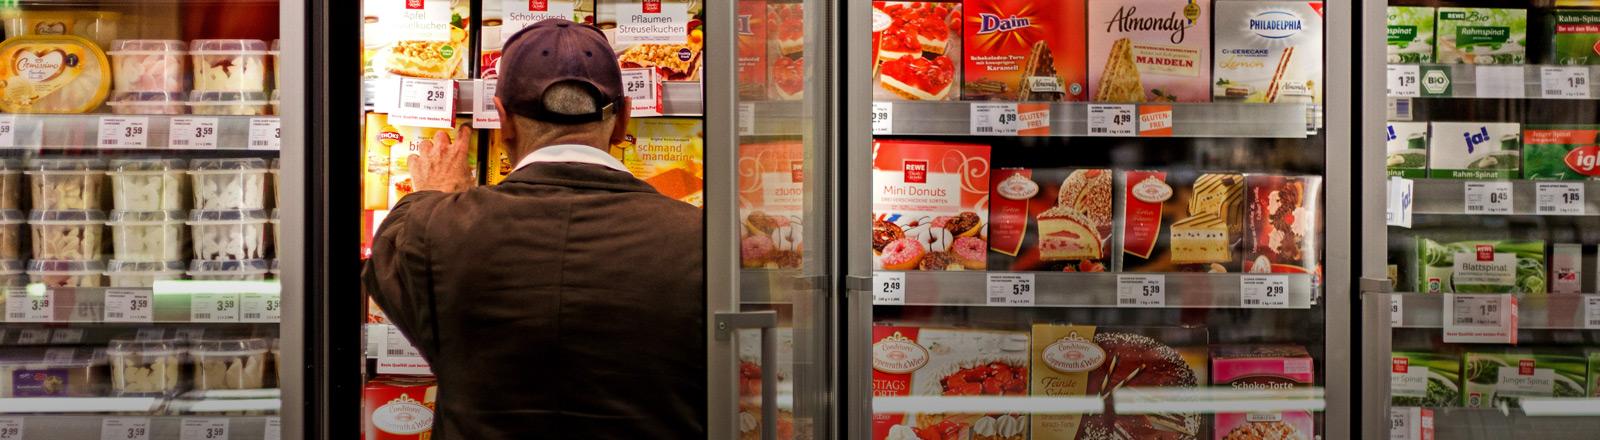 Ein Mann nimmt in einem Supermarkt ein Produkt aus einem Tiefkühlschrank.